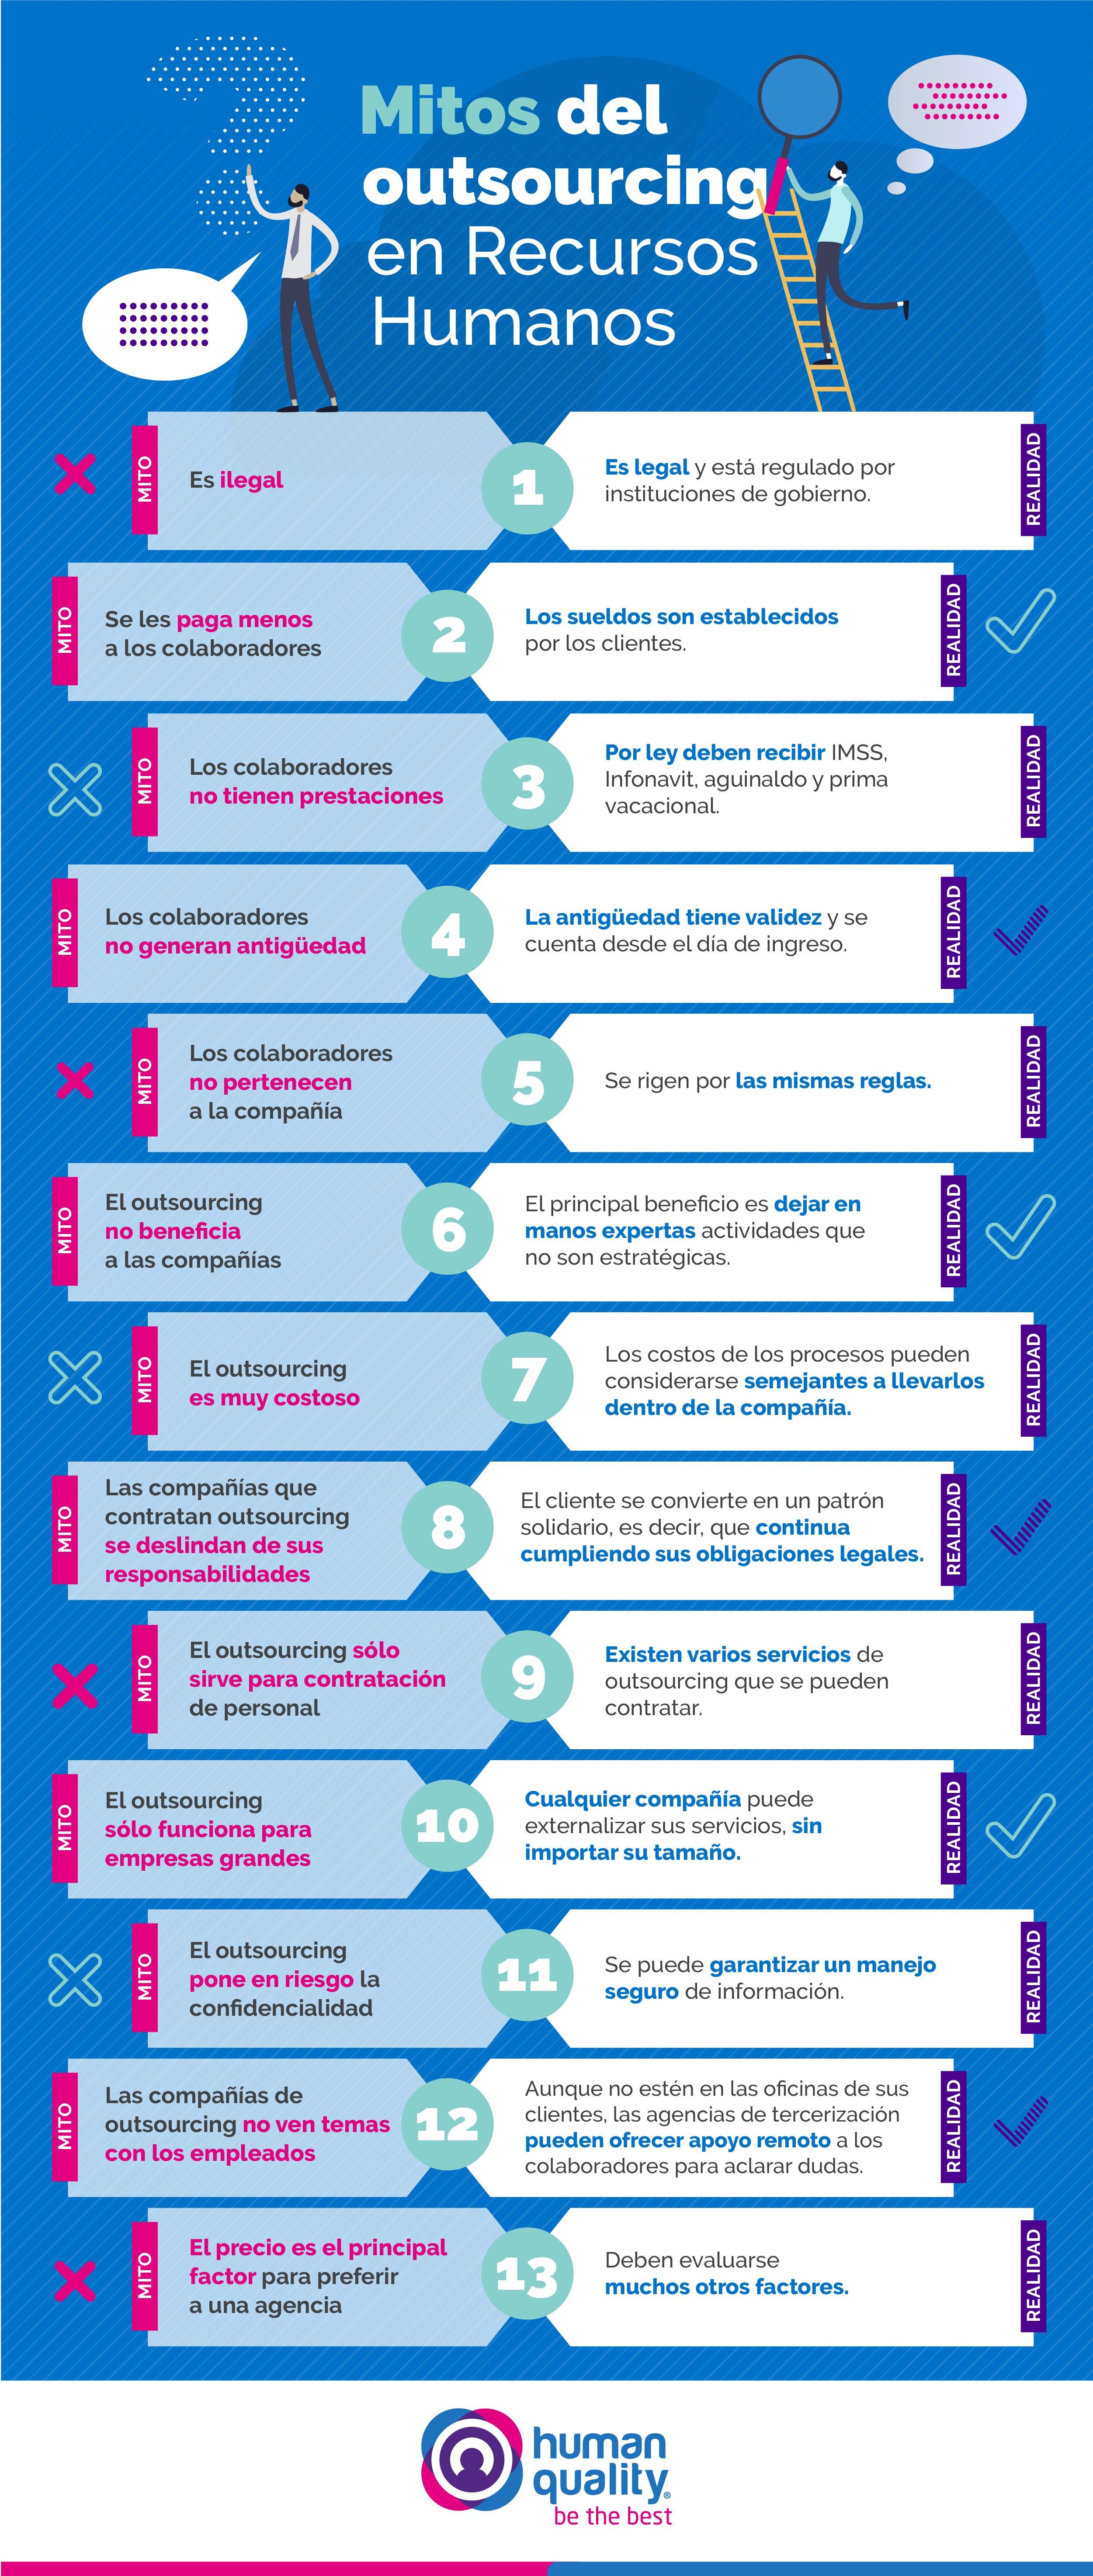 HQ-Infografia-Mitos del outsourcing en Recursos Humanos